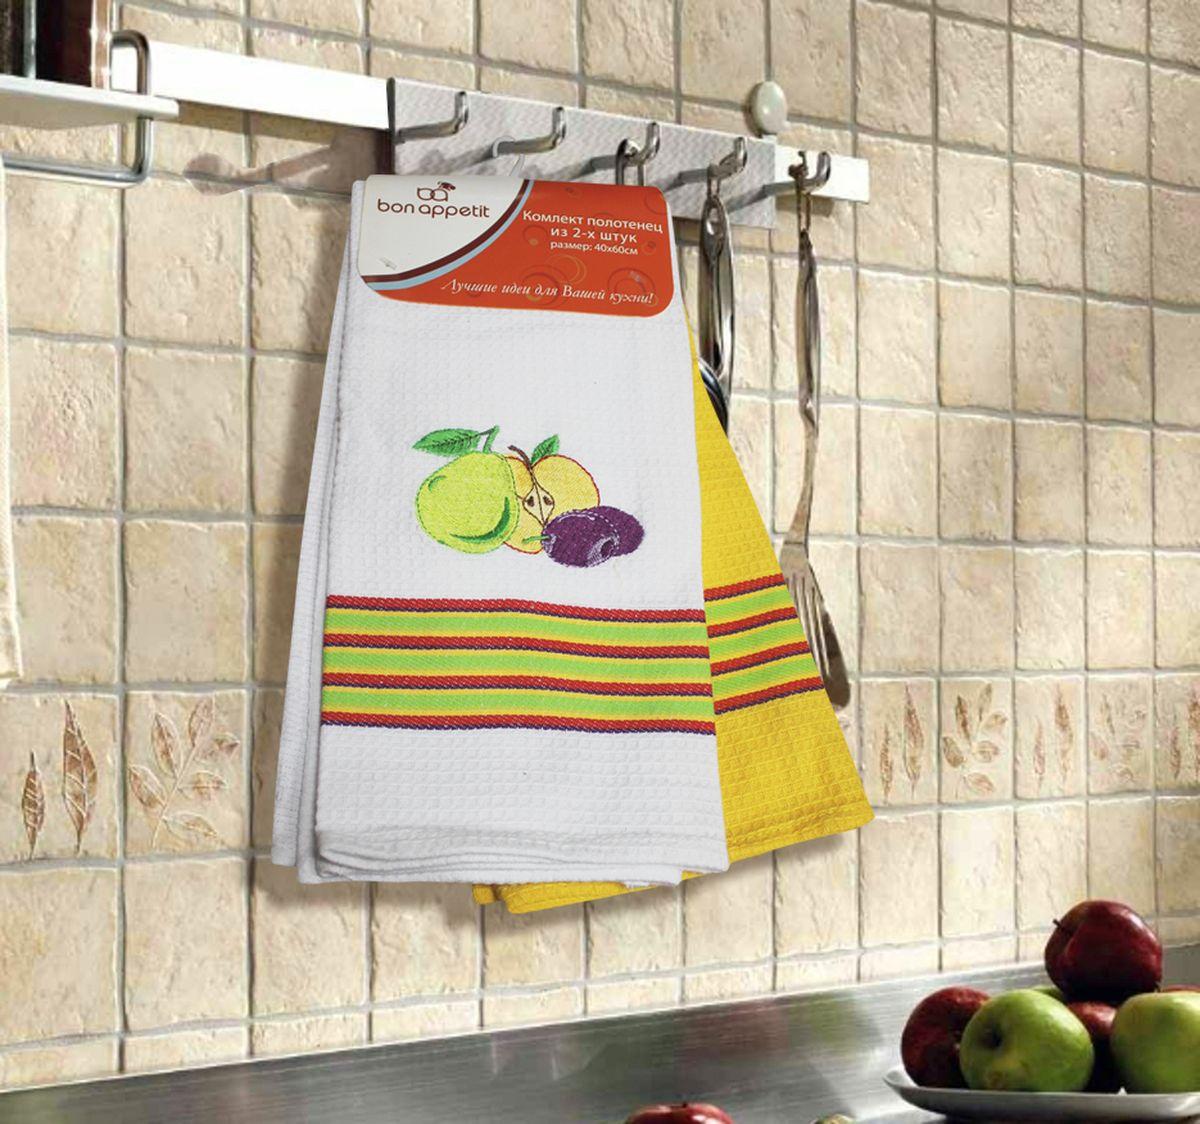 Набор кухонных полотенец Bon Appetit Fruits, цвет: желтый, 2 шт64859Кухонные Полотенца Bon Appetit - В помощь хозяйке на кухне!!! Кухонные Полотенца Bon Appetit идеально дополнят интерьер вашей кухни и создадут атмосферу уюта и комфорта. Полотенца выполнены из натурального 100% Хлопка, поэтому являются экологически чистыми. Качество материала гарантирует безопасность не только взрослых, но и самых маленьких членов семьи.Bon Appetit – Интерьер и Практичность Современной Кухни!